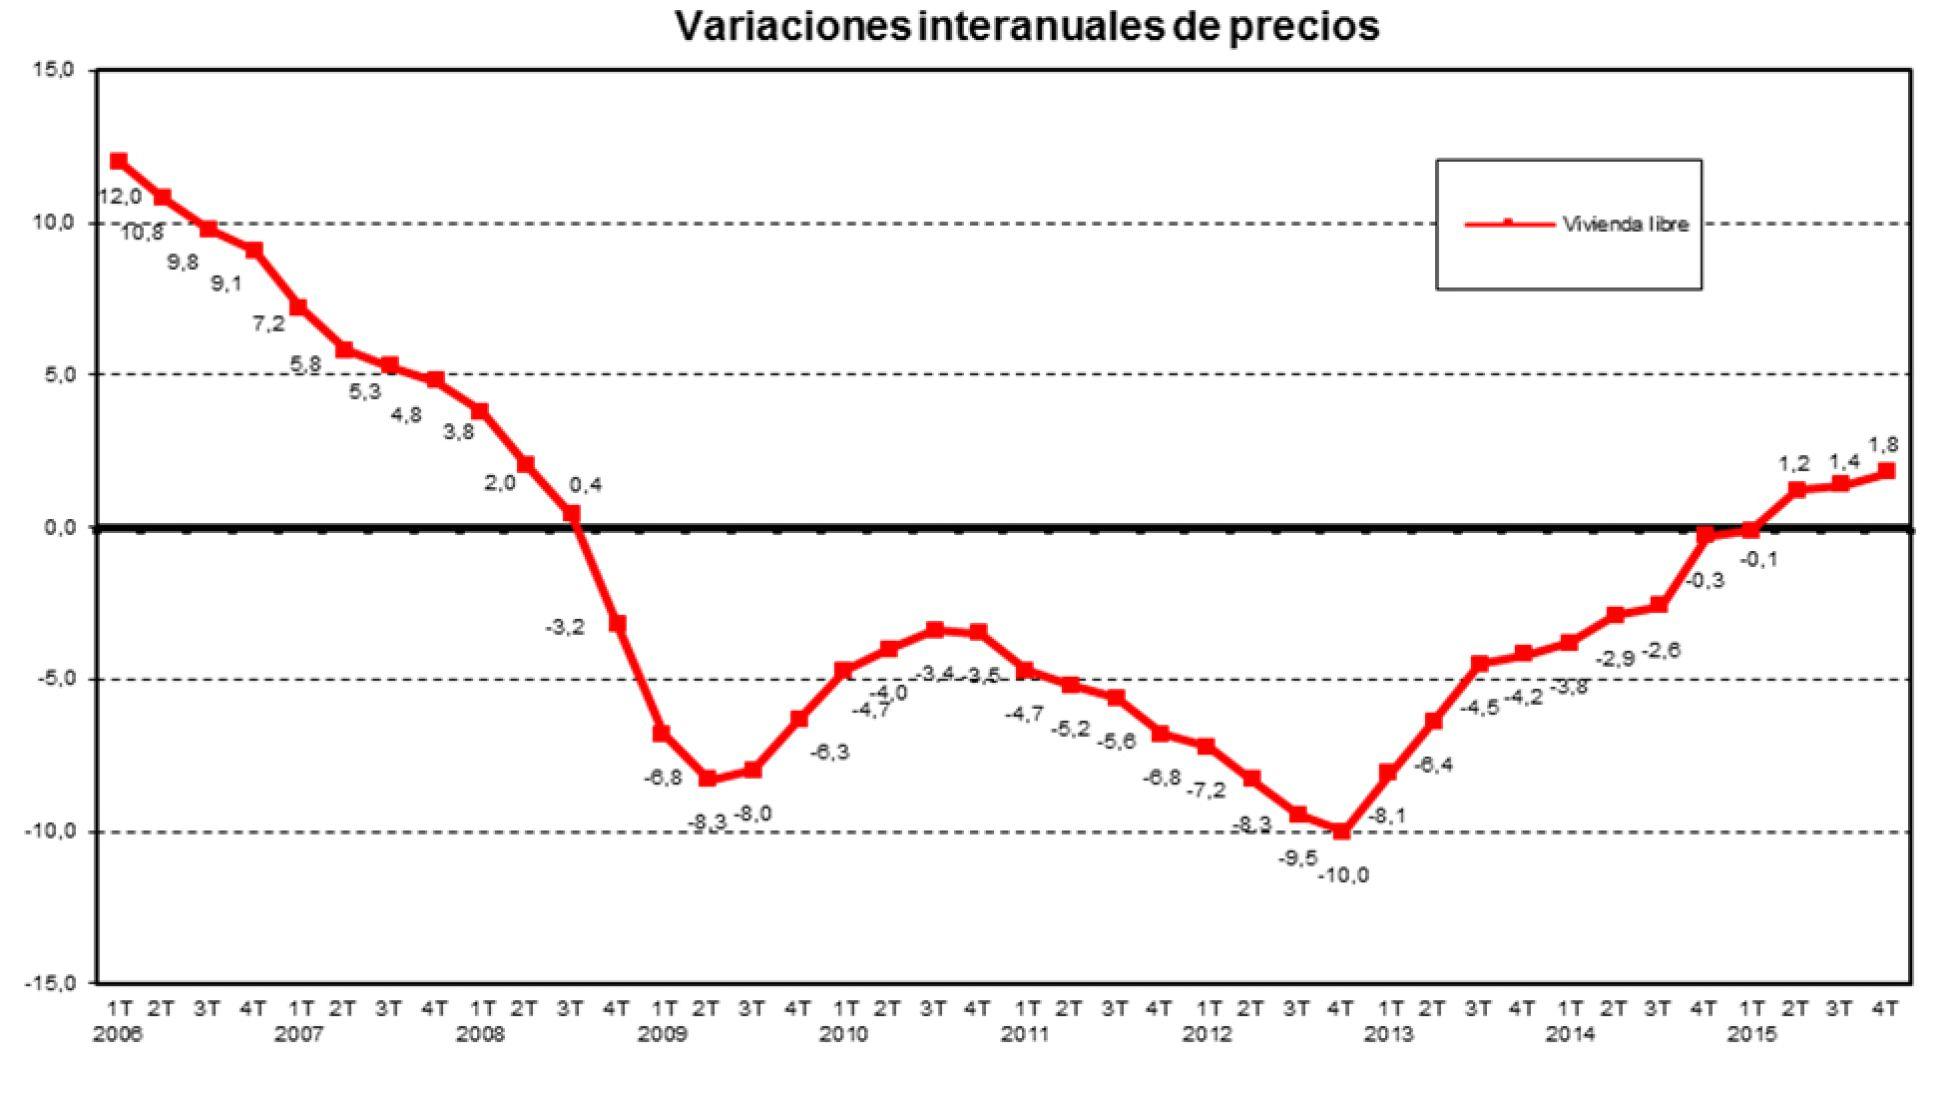 Realidades de la vivienda en el capitalismo español. Luchas contra los desahucios de viviendas. Inversiones y mercado inmobiliario - Página 15 1456395091_871059_1456403753_sumario_normal_recorte1